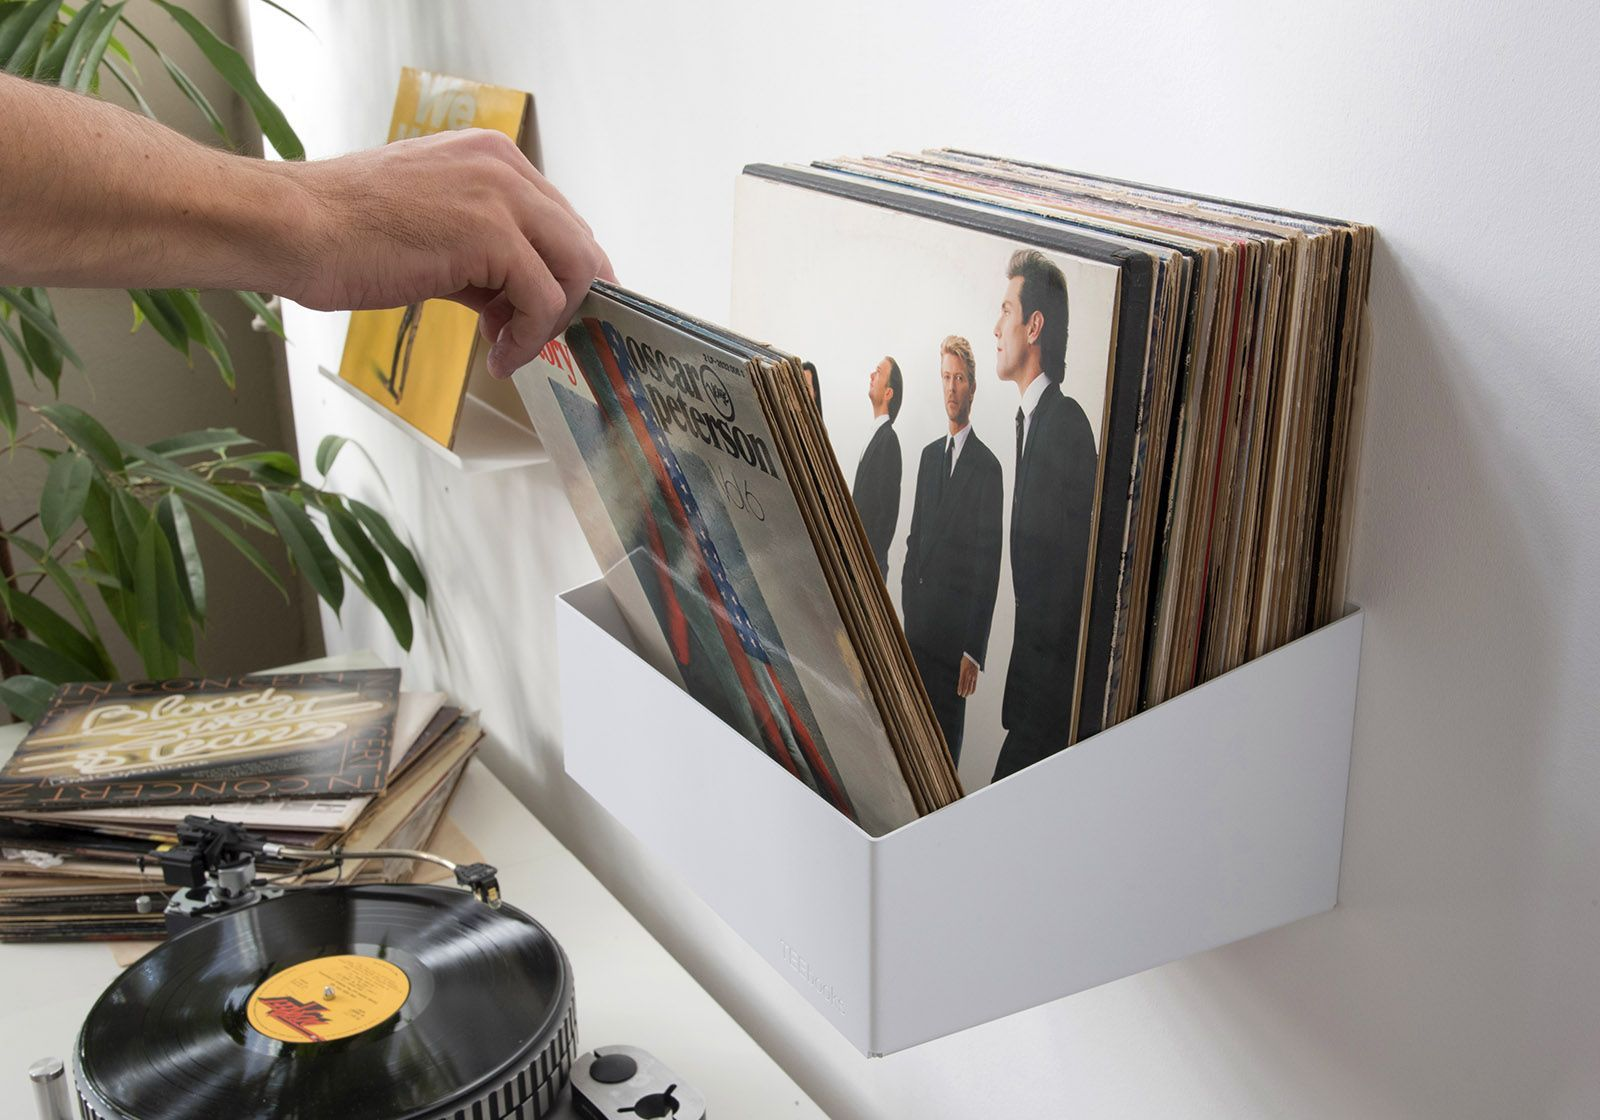 Tag re de rangement pour vinyles teenyle acier - Porta dischi vinile ...